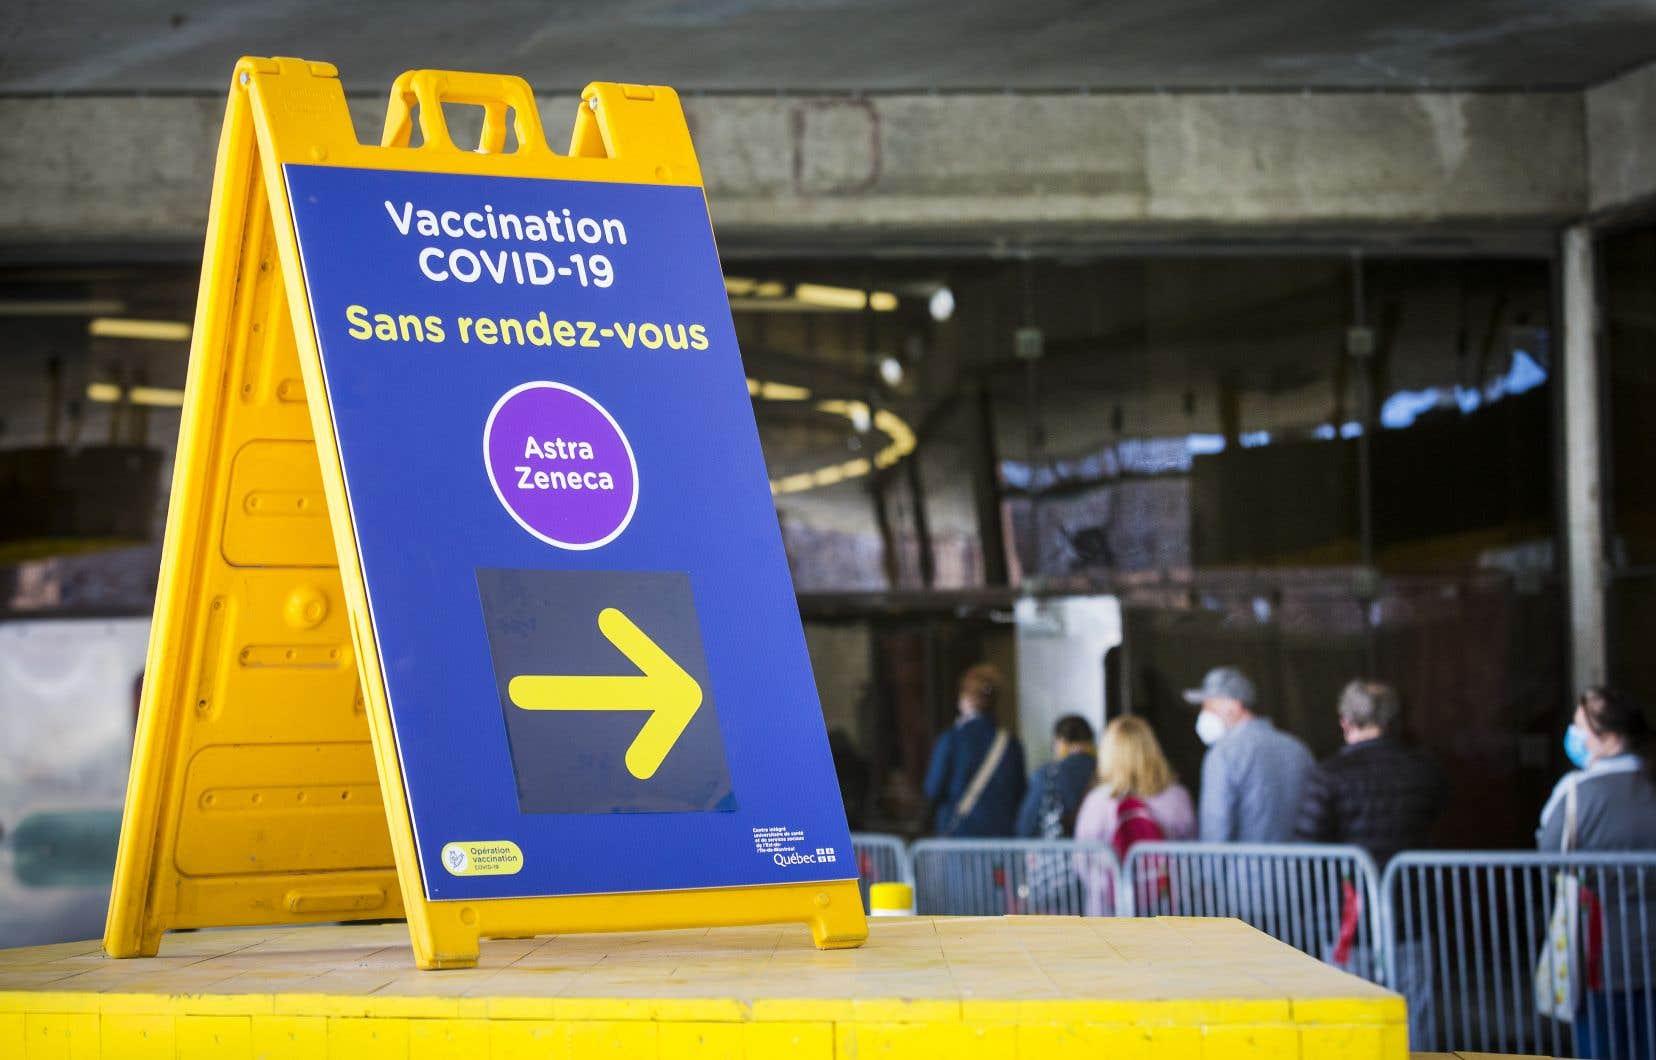 Le MSSS a aussi annoncé que les travailleurs de la santé devront prouver à leur employeur qu'ils ont été vaccinés contre la COVID-19 à la suite de l'adoption d'un arrêté ministériel.